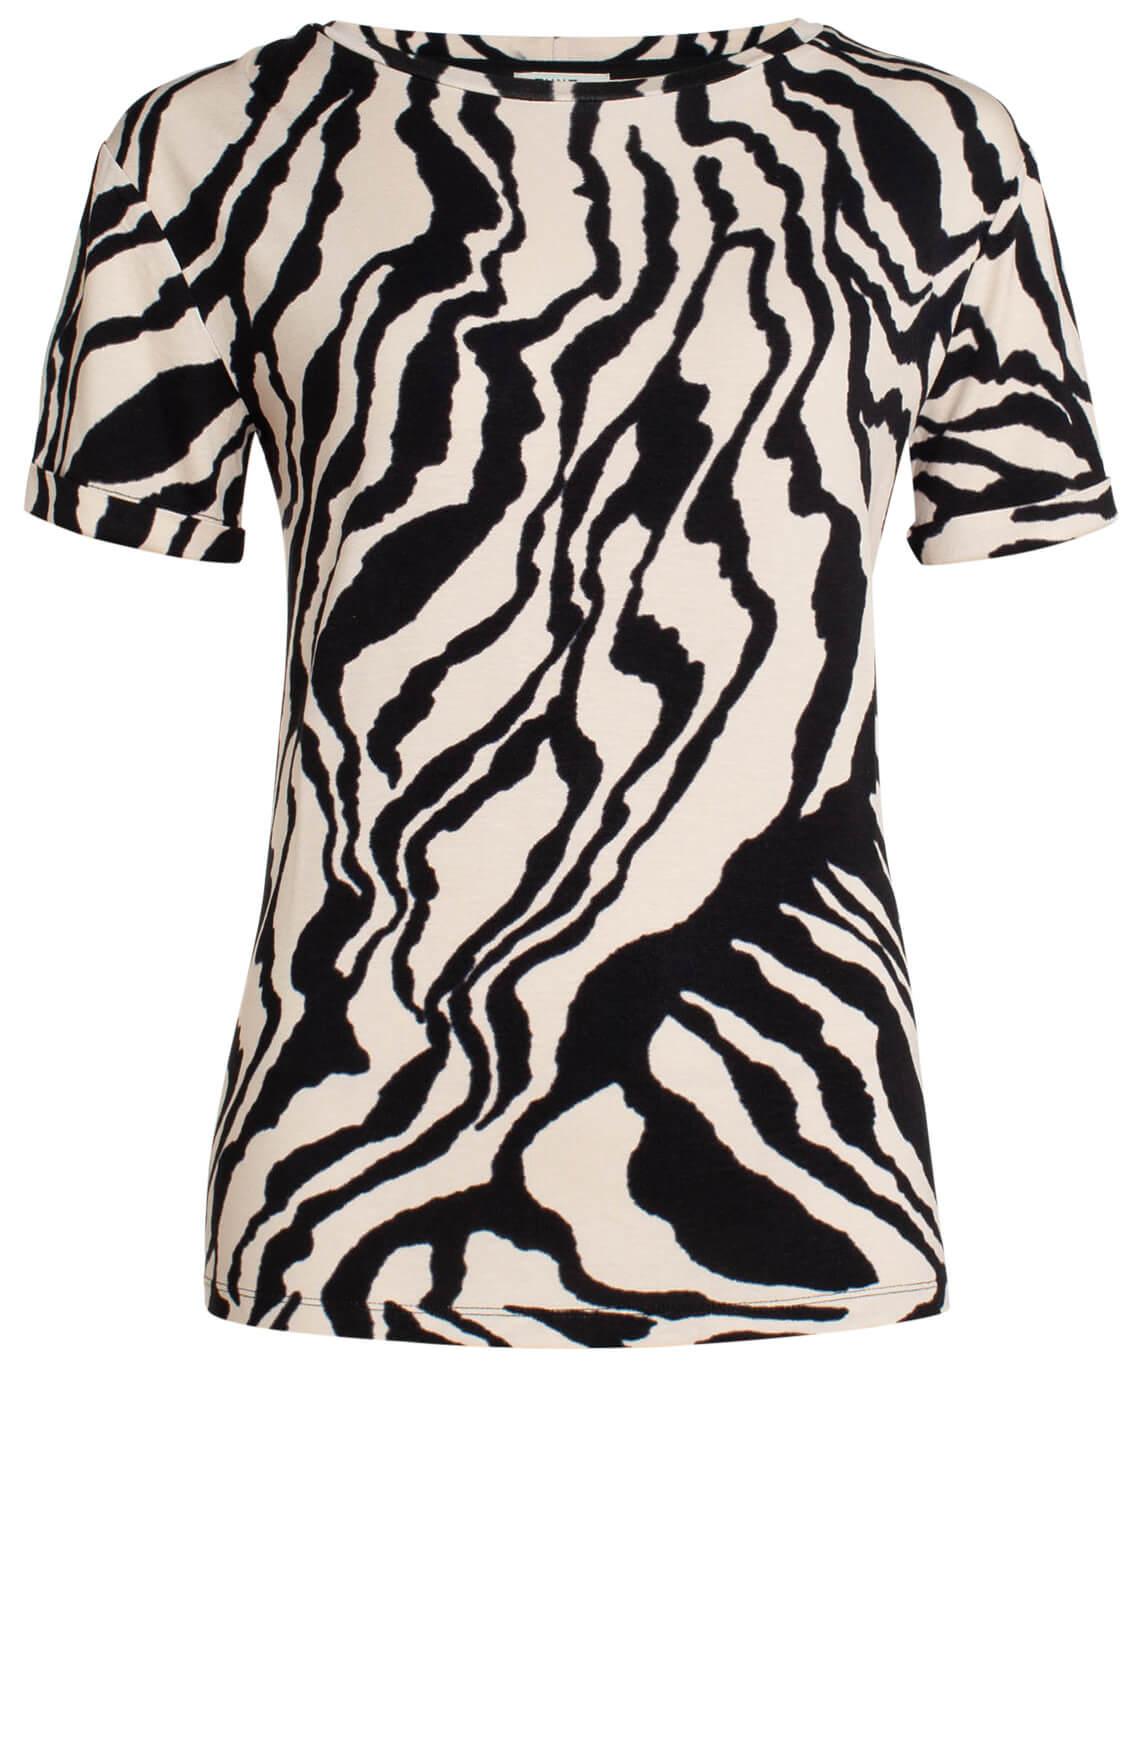 Anna Dames Shirt met zebraprint zwart